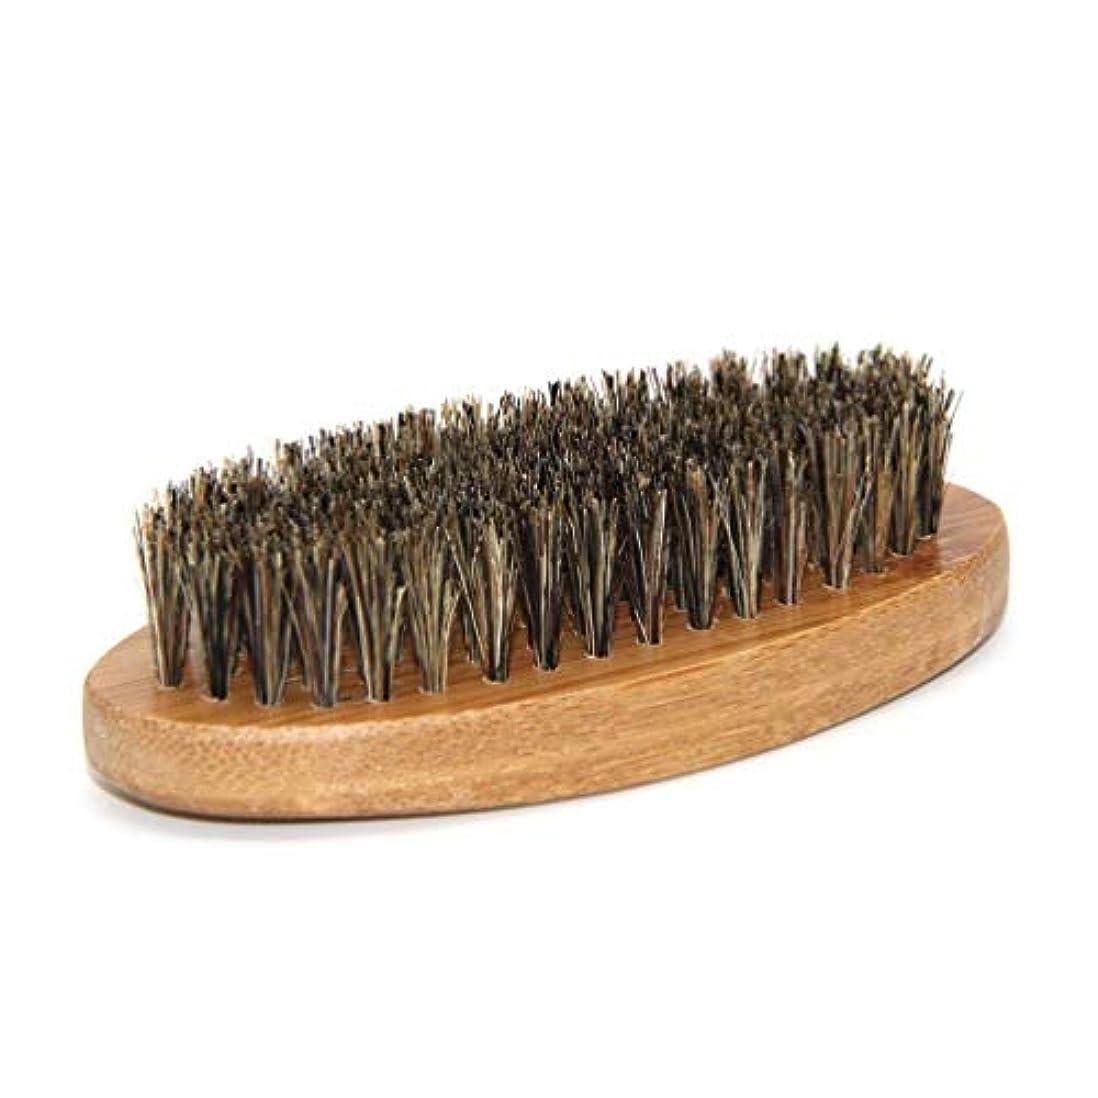 保守可能木曜日定数男性のイノシシの毛の毛のひげの口ひげのブラシ軍の堅い円形の木製のハンドル-ブラウン